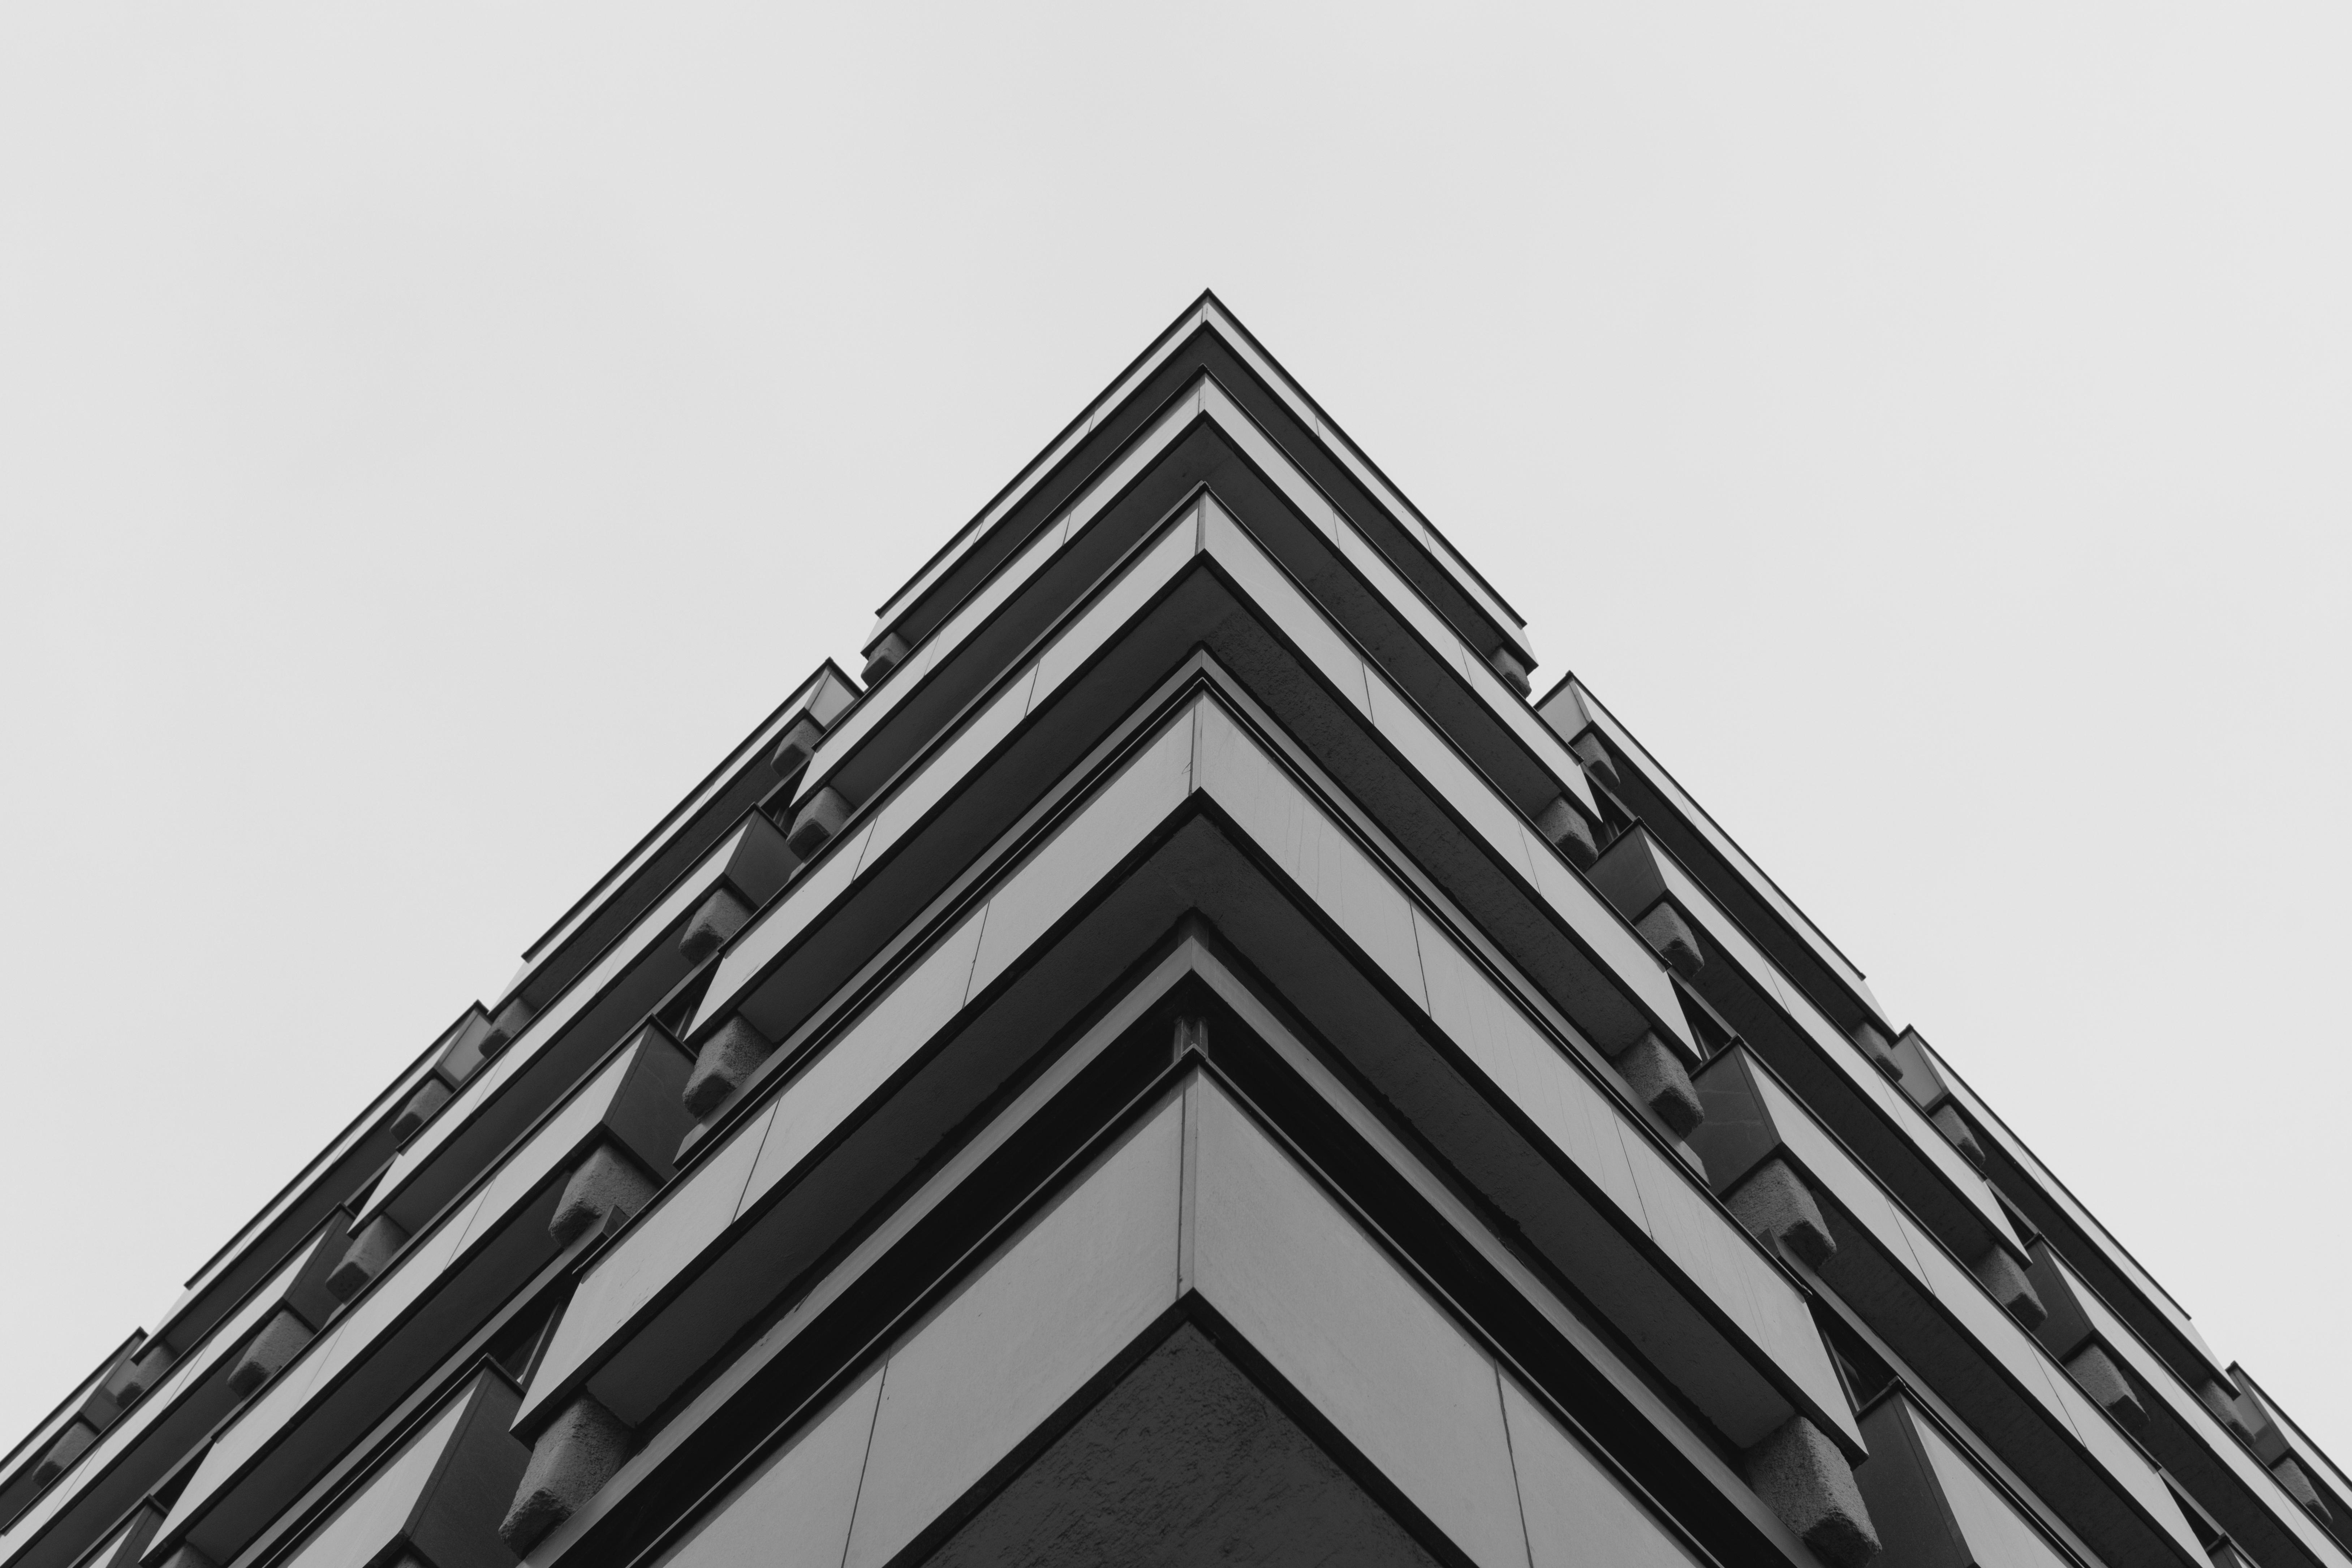 fotos gratis en blanco y negro arquitectura ventana